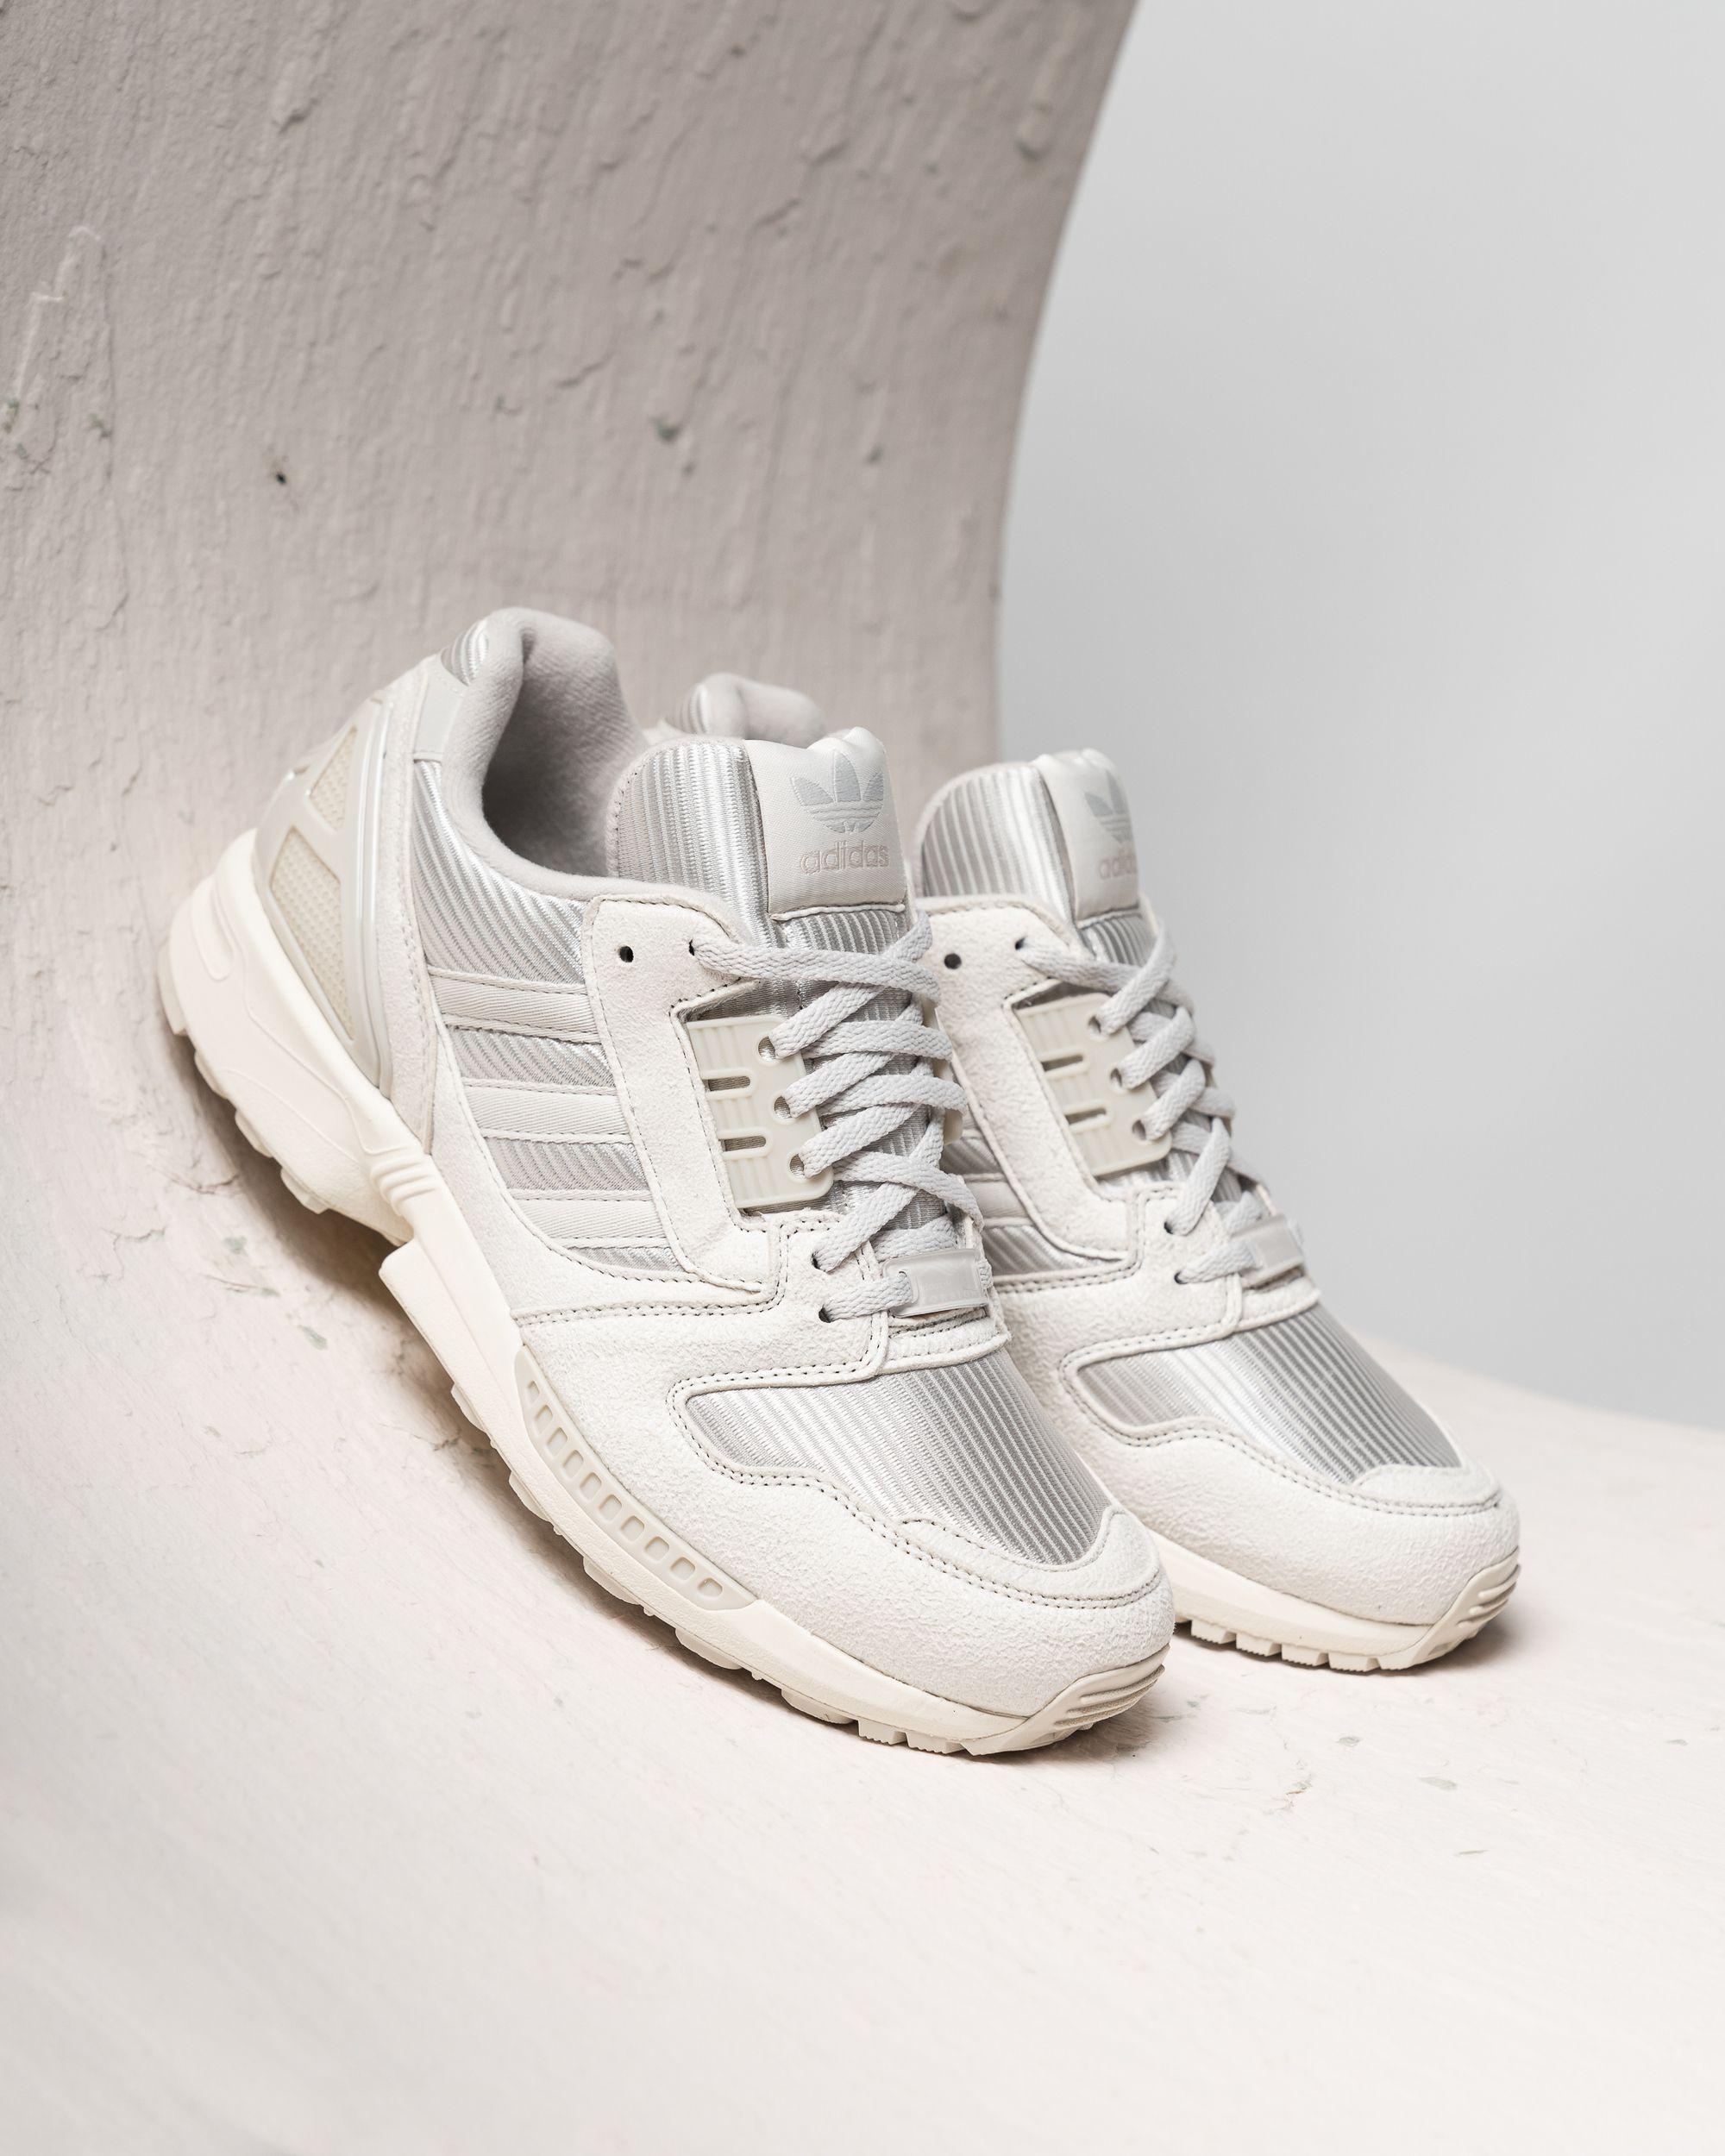 adidas torsion zx 8000 kaufen